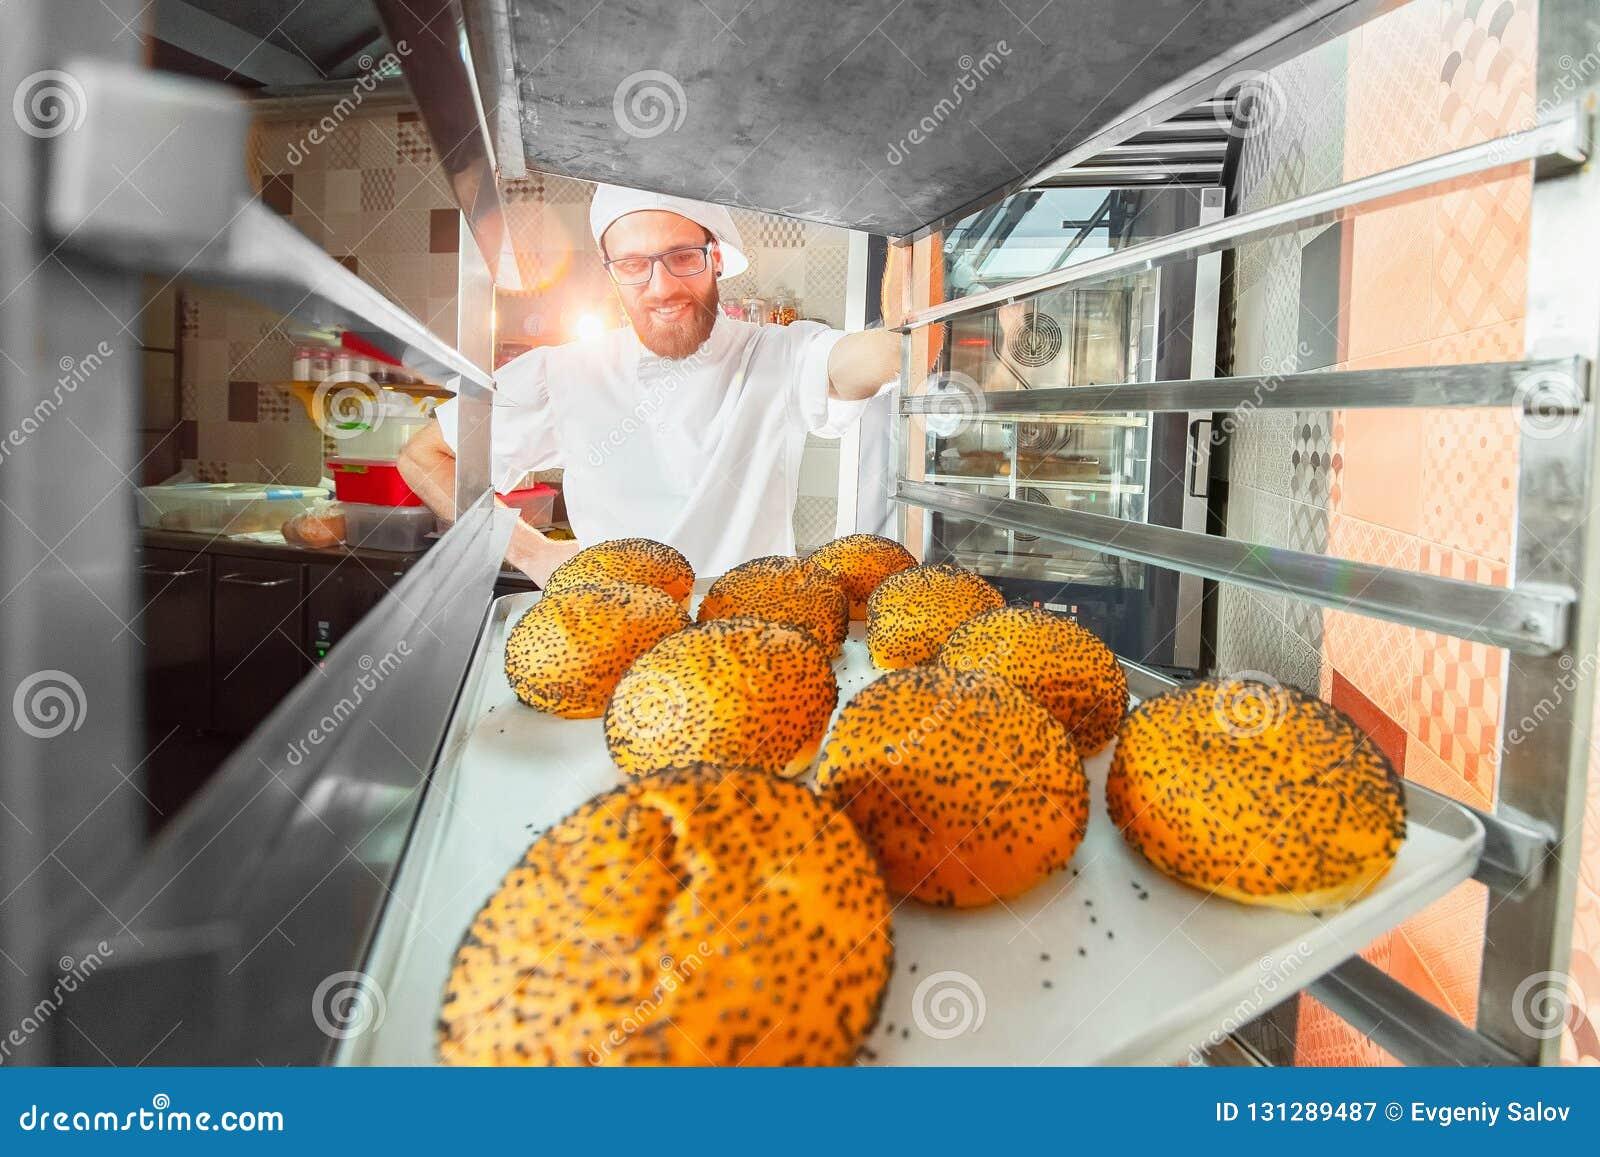 Een jonge knappe bakker neemt verse hete broodjes met papaverzaden van de oven voor de bakkerij